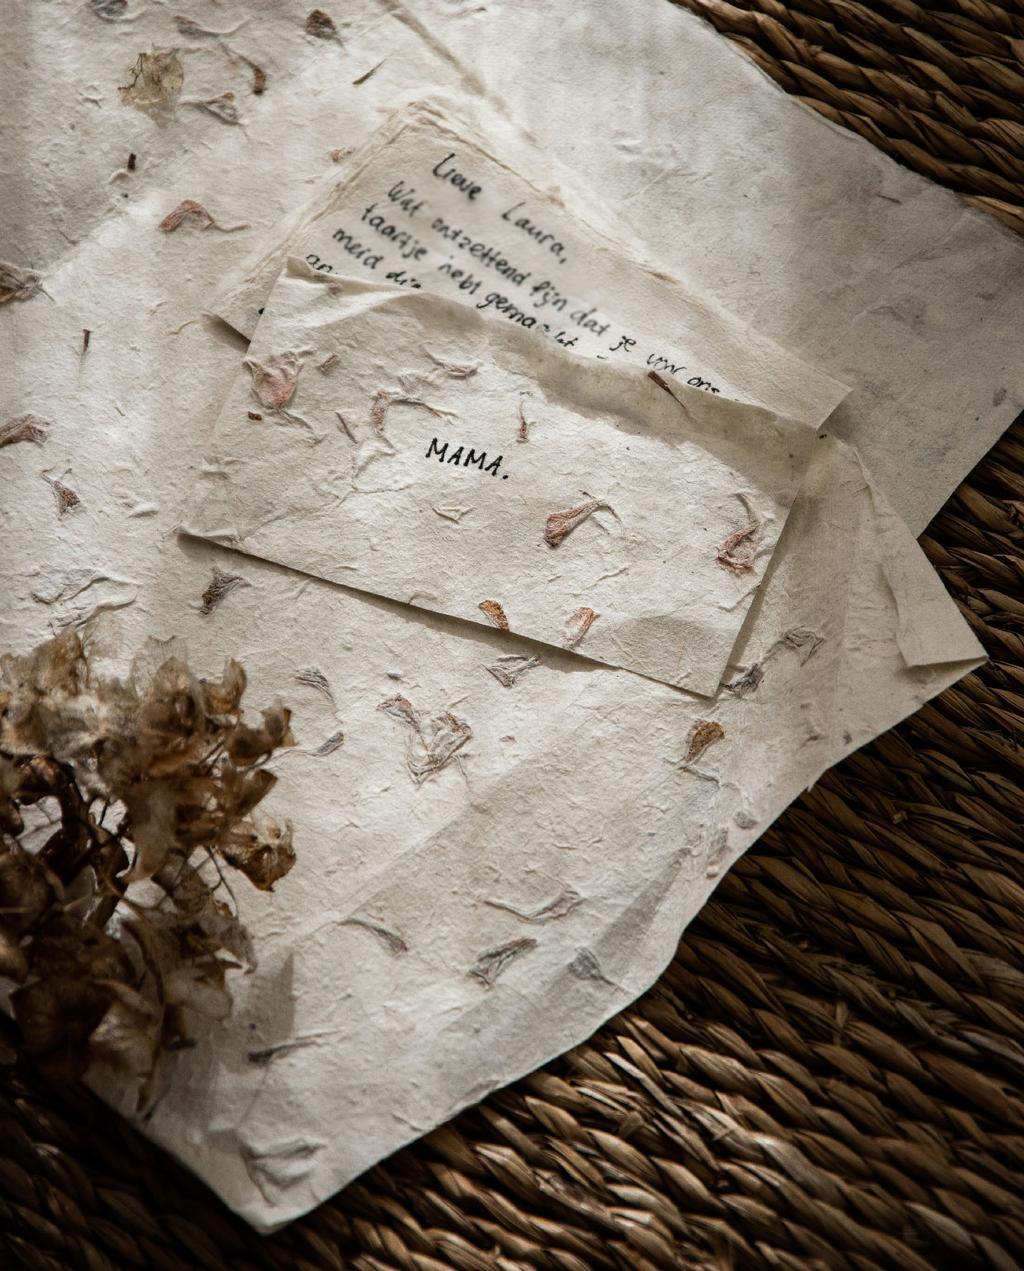 vtwonen blog Rachel Terpstra | versier een intiem huis feest - persoonlijke boodschap op natuurpapier